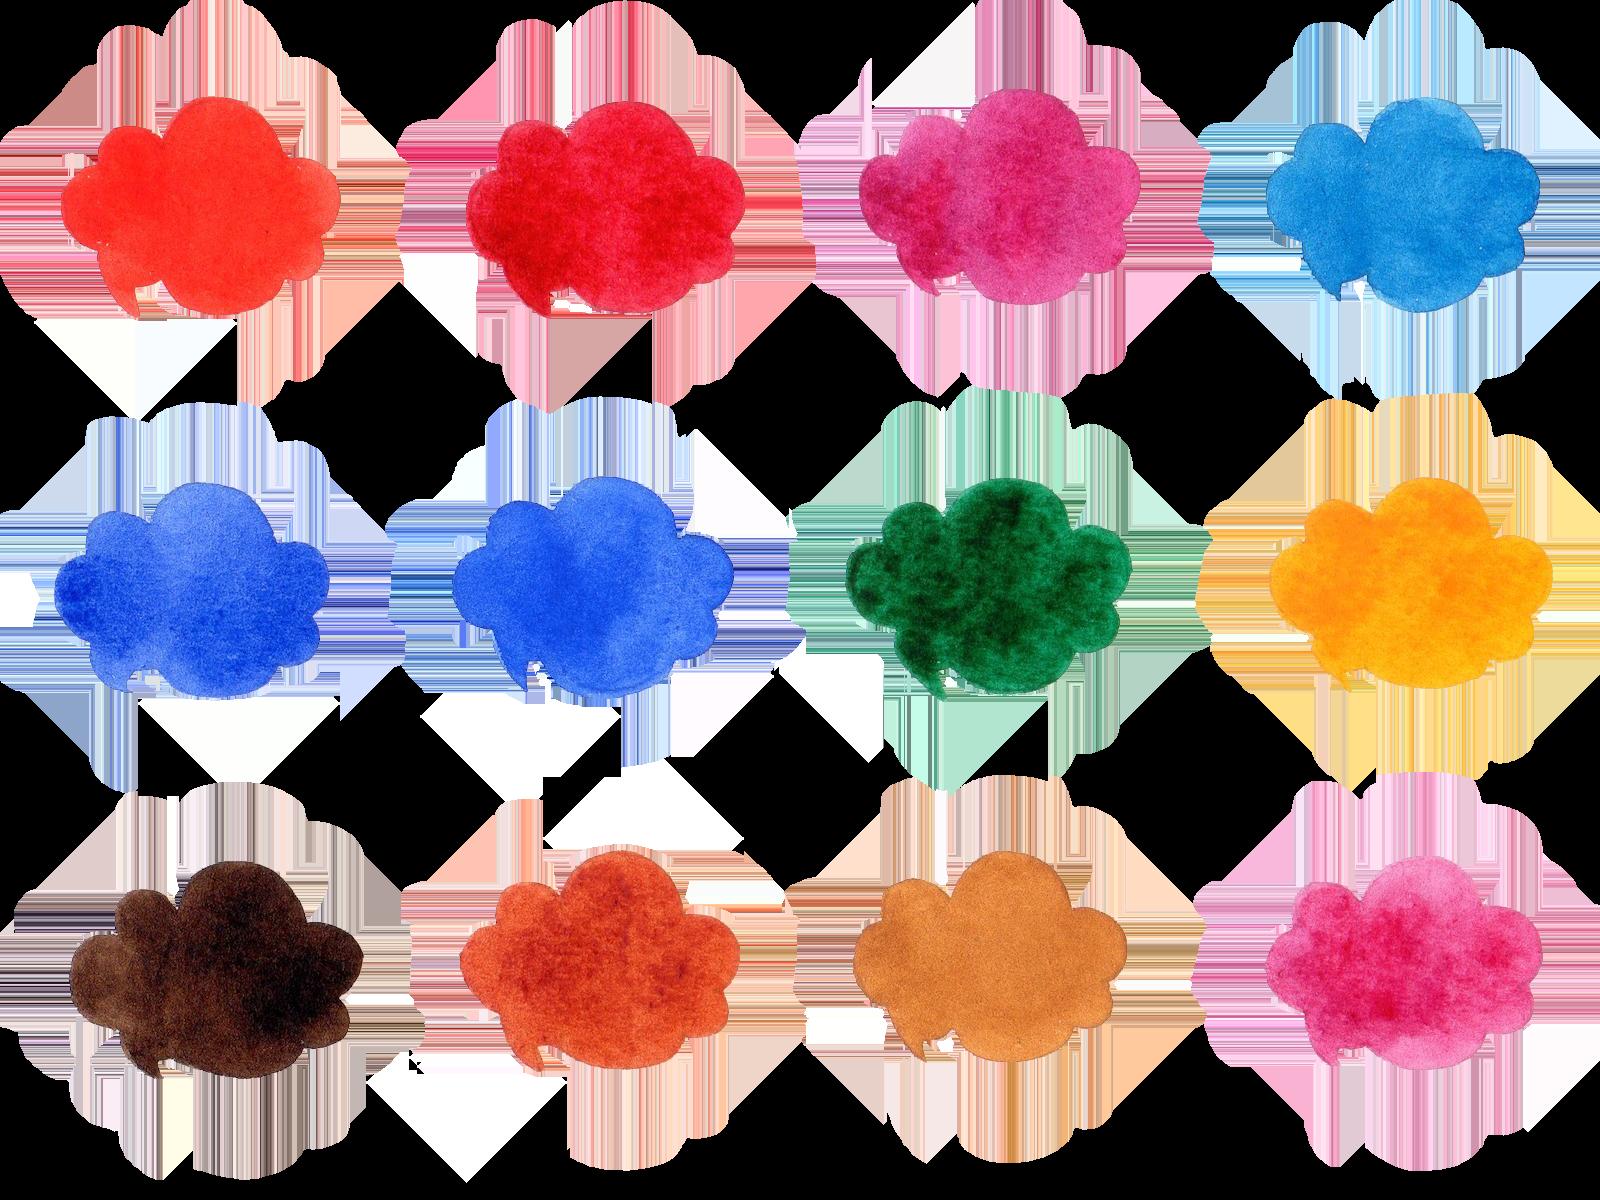 水彩で描いた吹き出しのイラスト素材